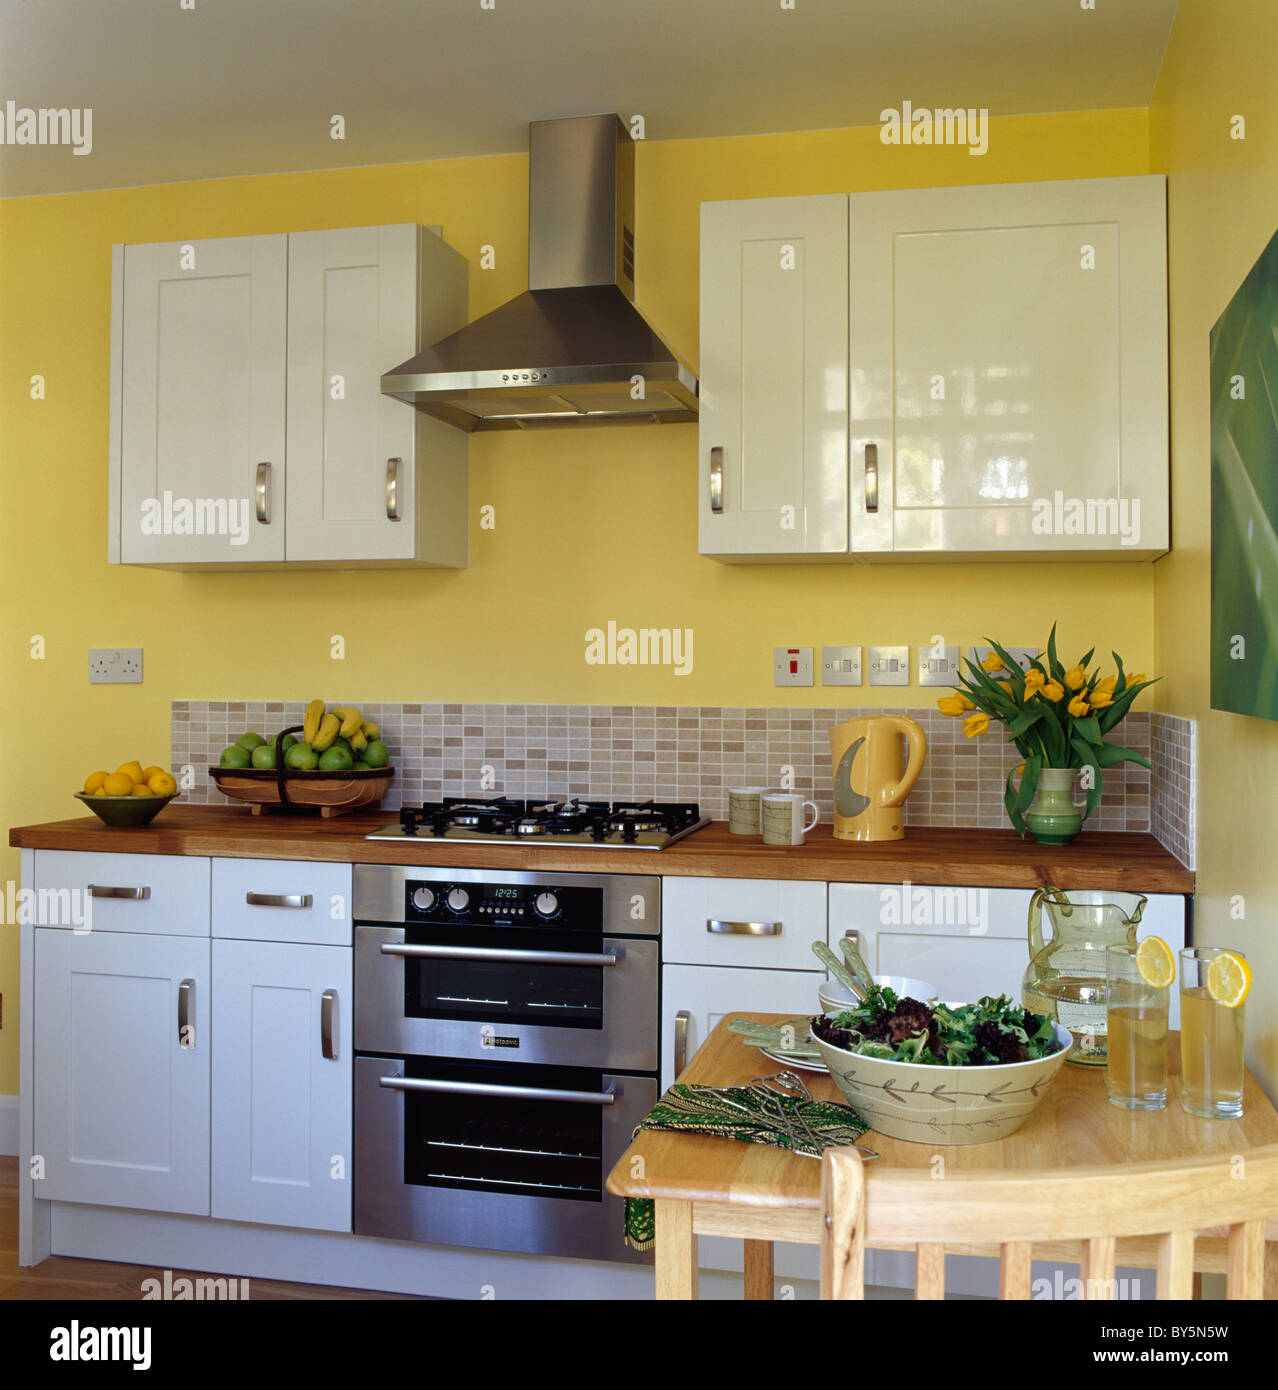 Elegant Edelstahl Abzugshaube über Dem Ofen In Modernb Gelbe Küche Mit Weißen  Montierten Einheiten Und Schränke